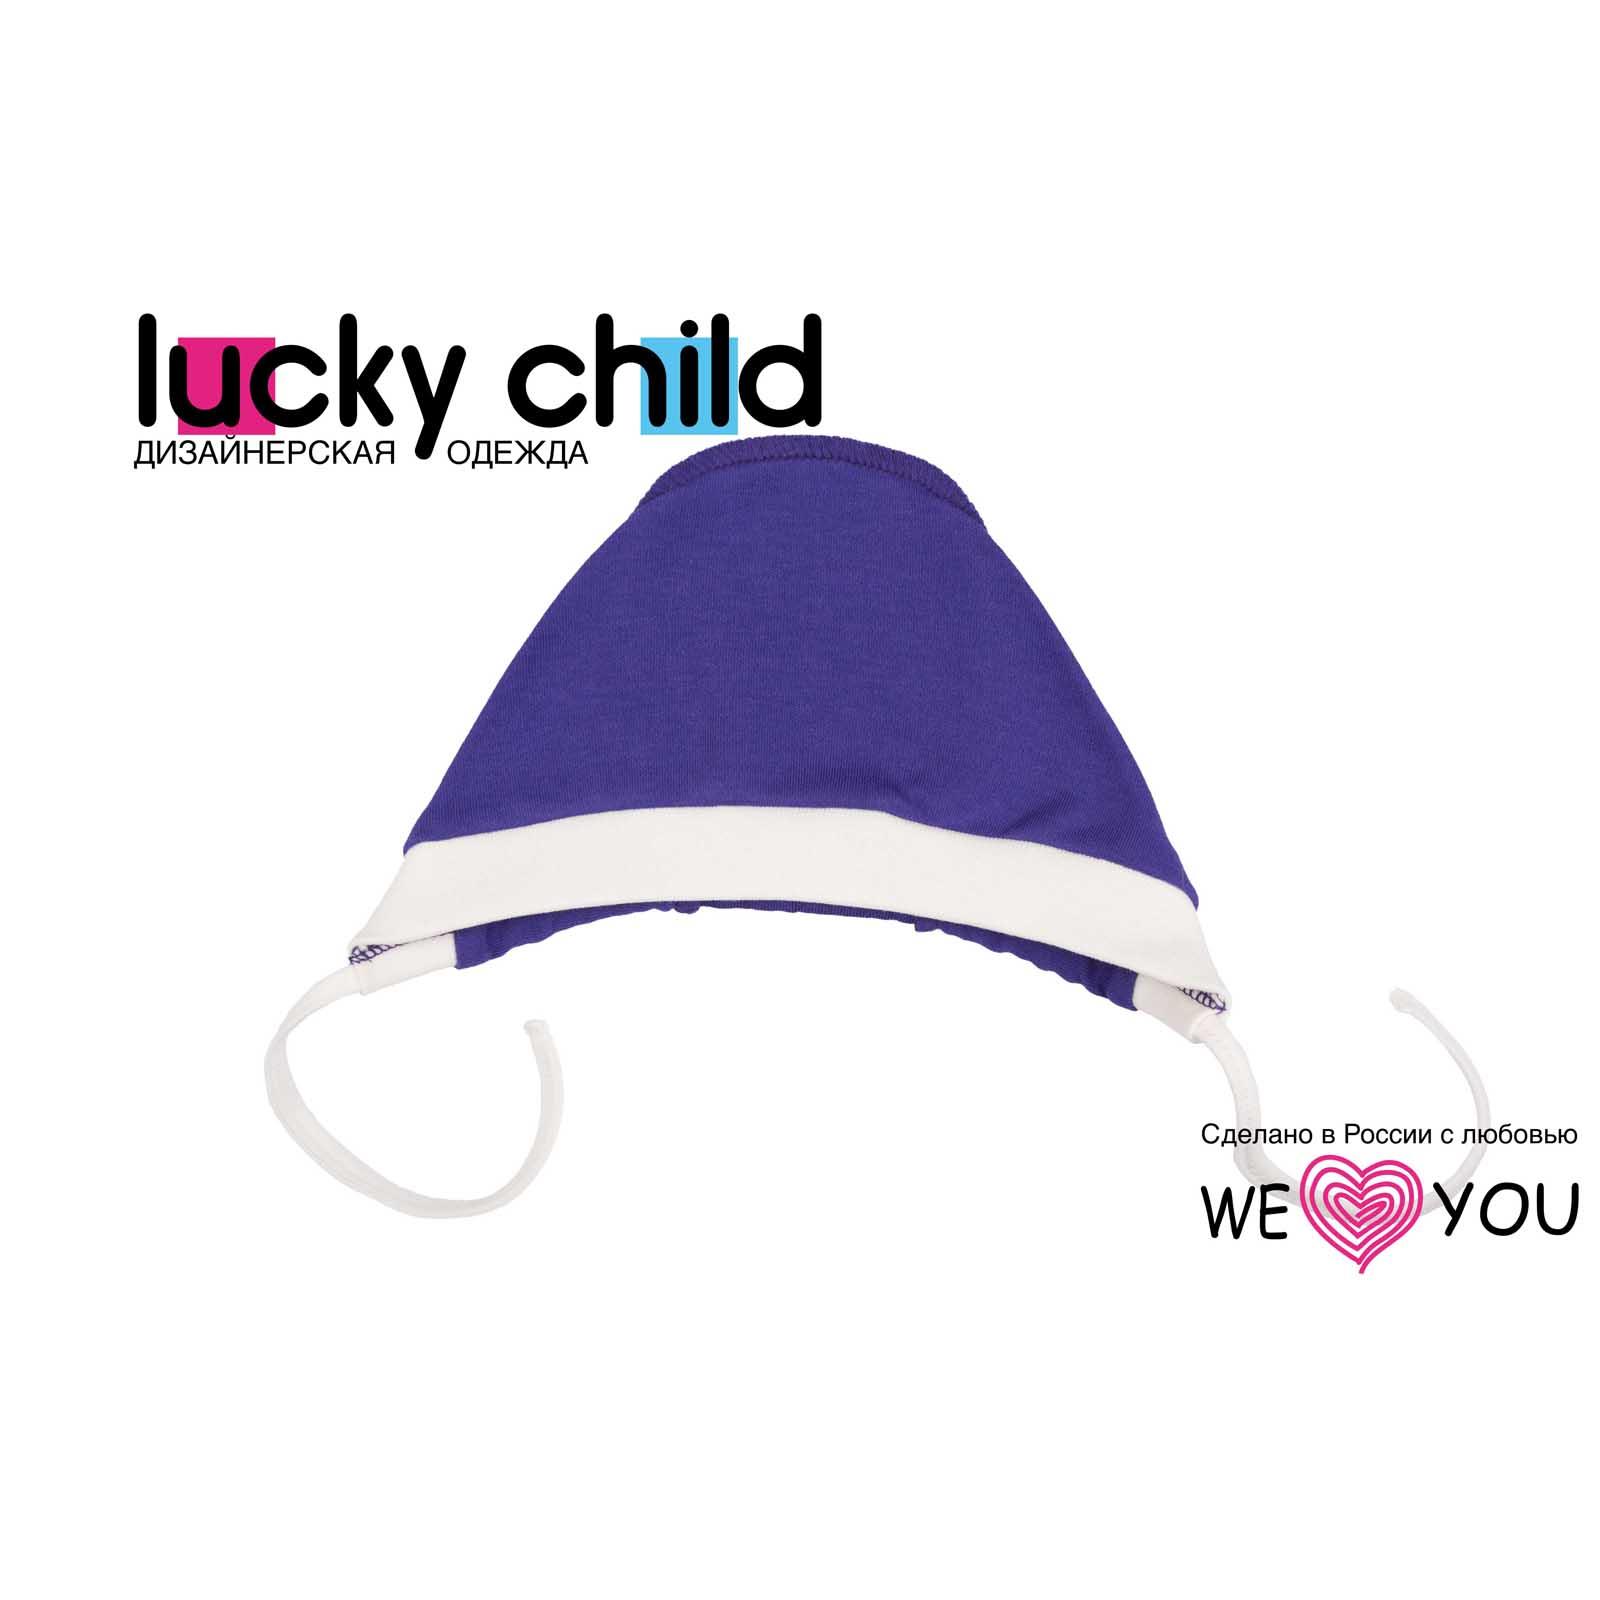 Чепчик Lucky Child, коллекция Нежность, цвет фиолетовый с белой тесьмой размер 36<br>